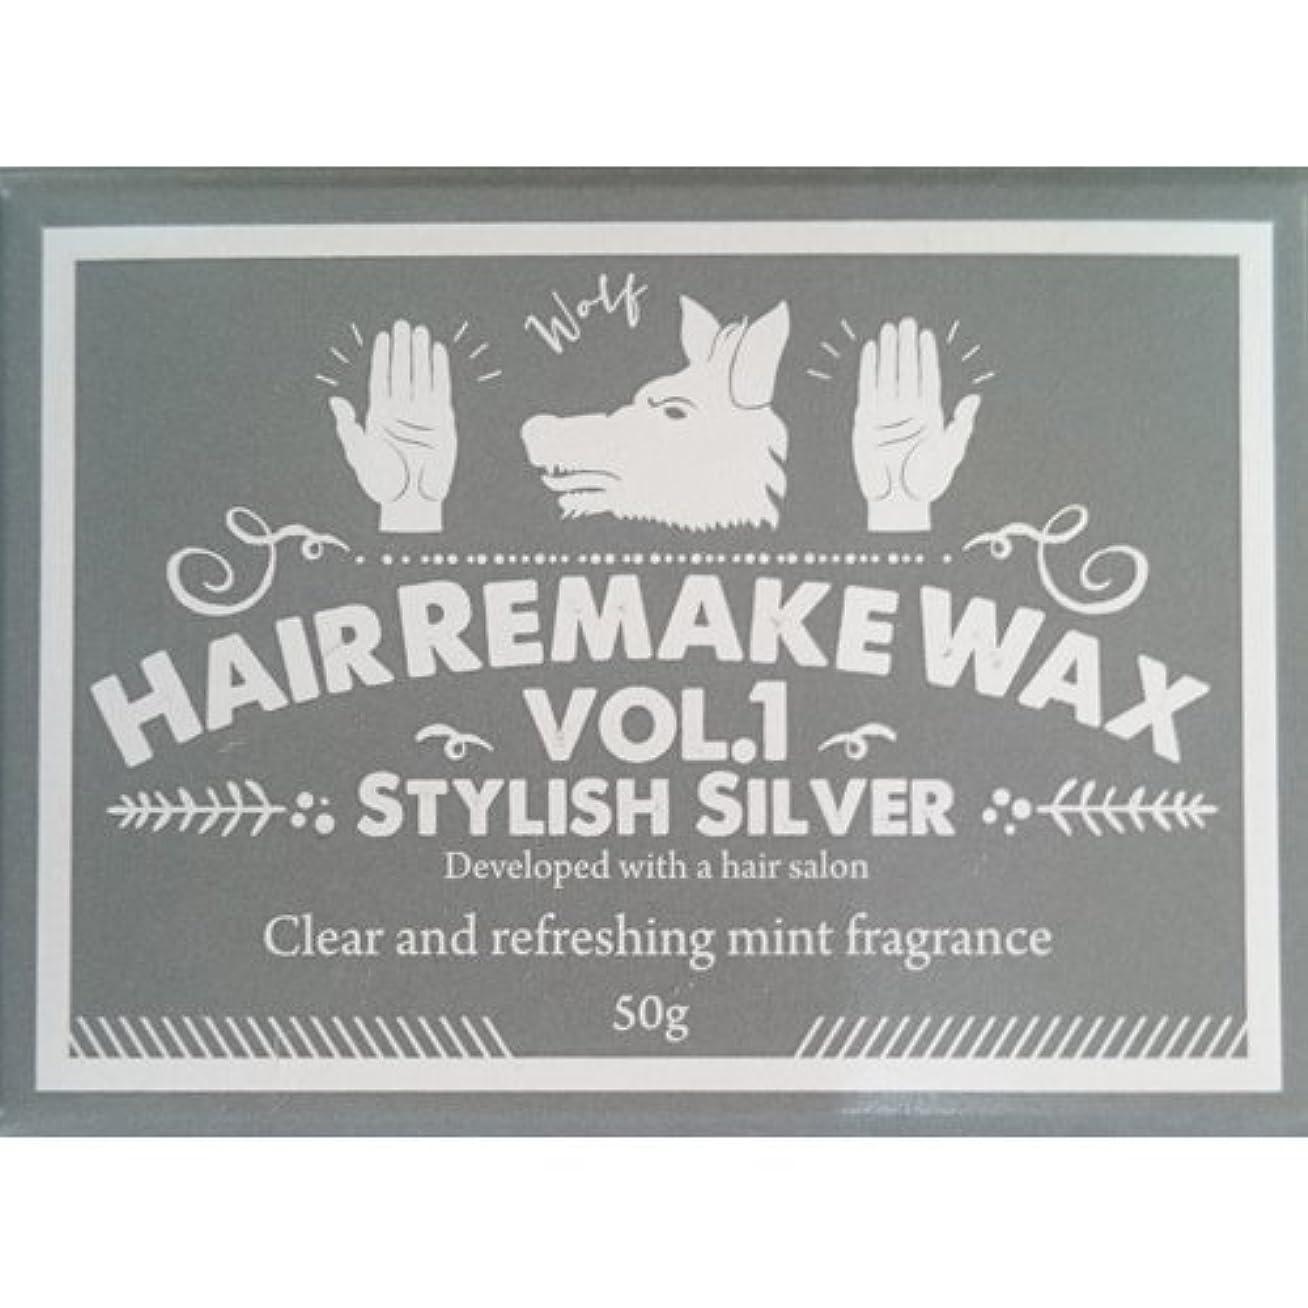 即席面積絶対にパーティー 変装 銀髪用 Hair Remake(ヘアーリメイクワックス)WAX Vol.1 スタイリッシュシルバー 50g